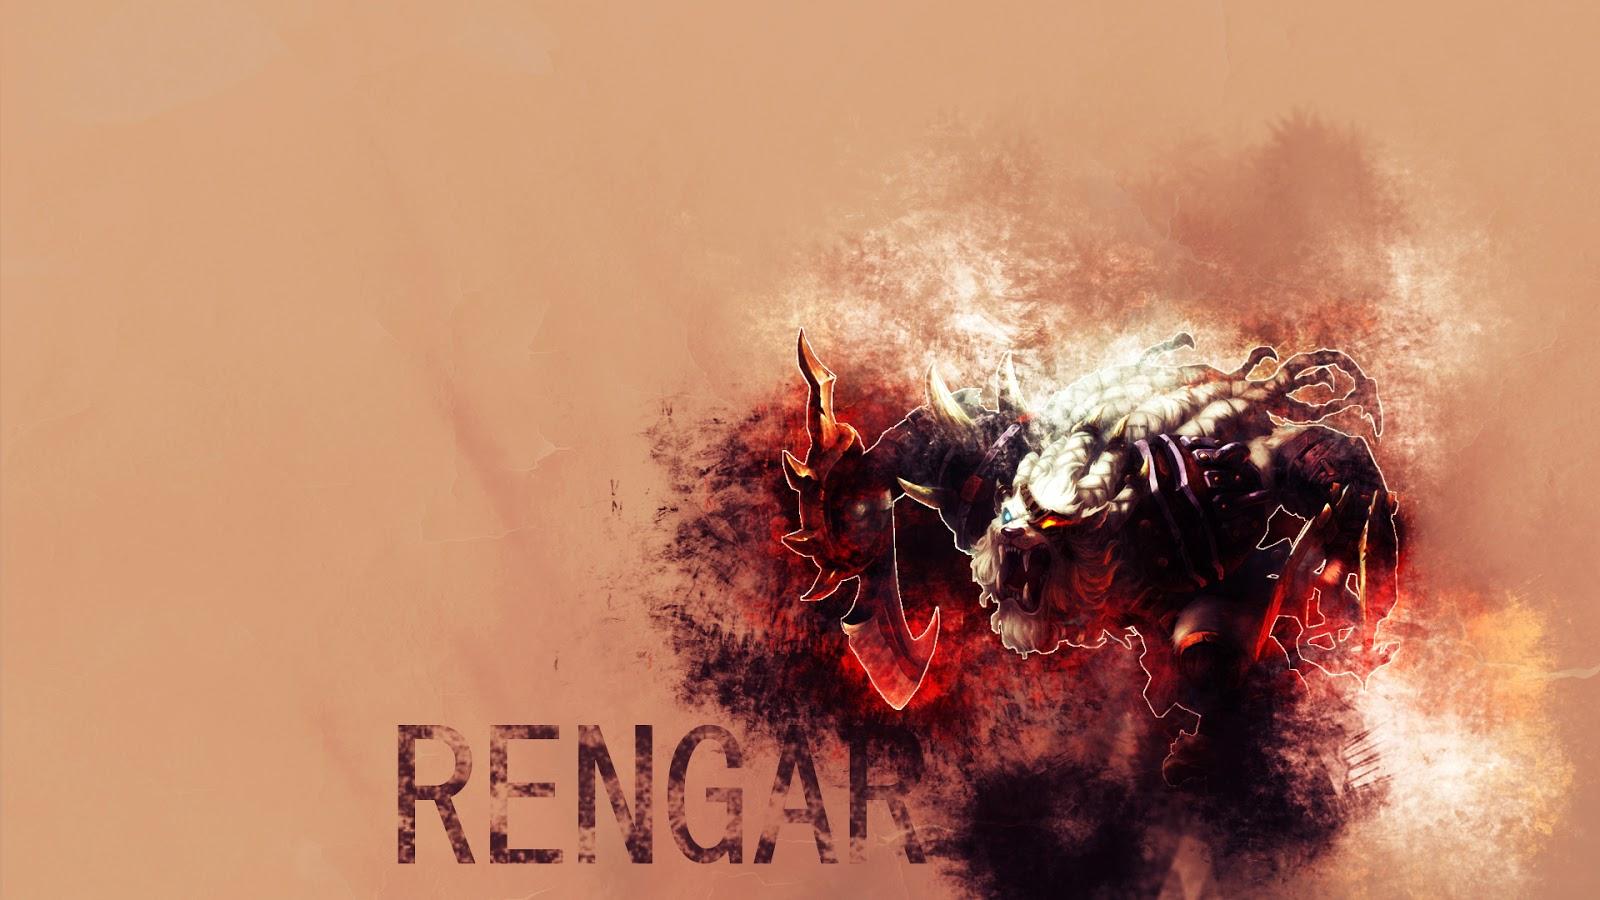 Rengar League of Legends Wallpaper Rengar Desktop Wallpaper 1600x900